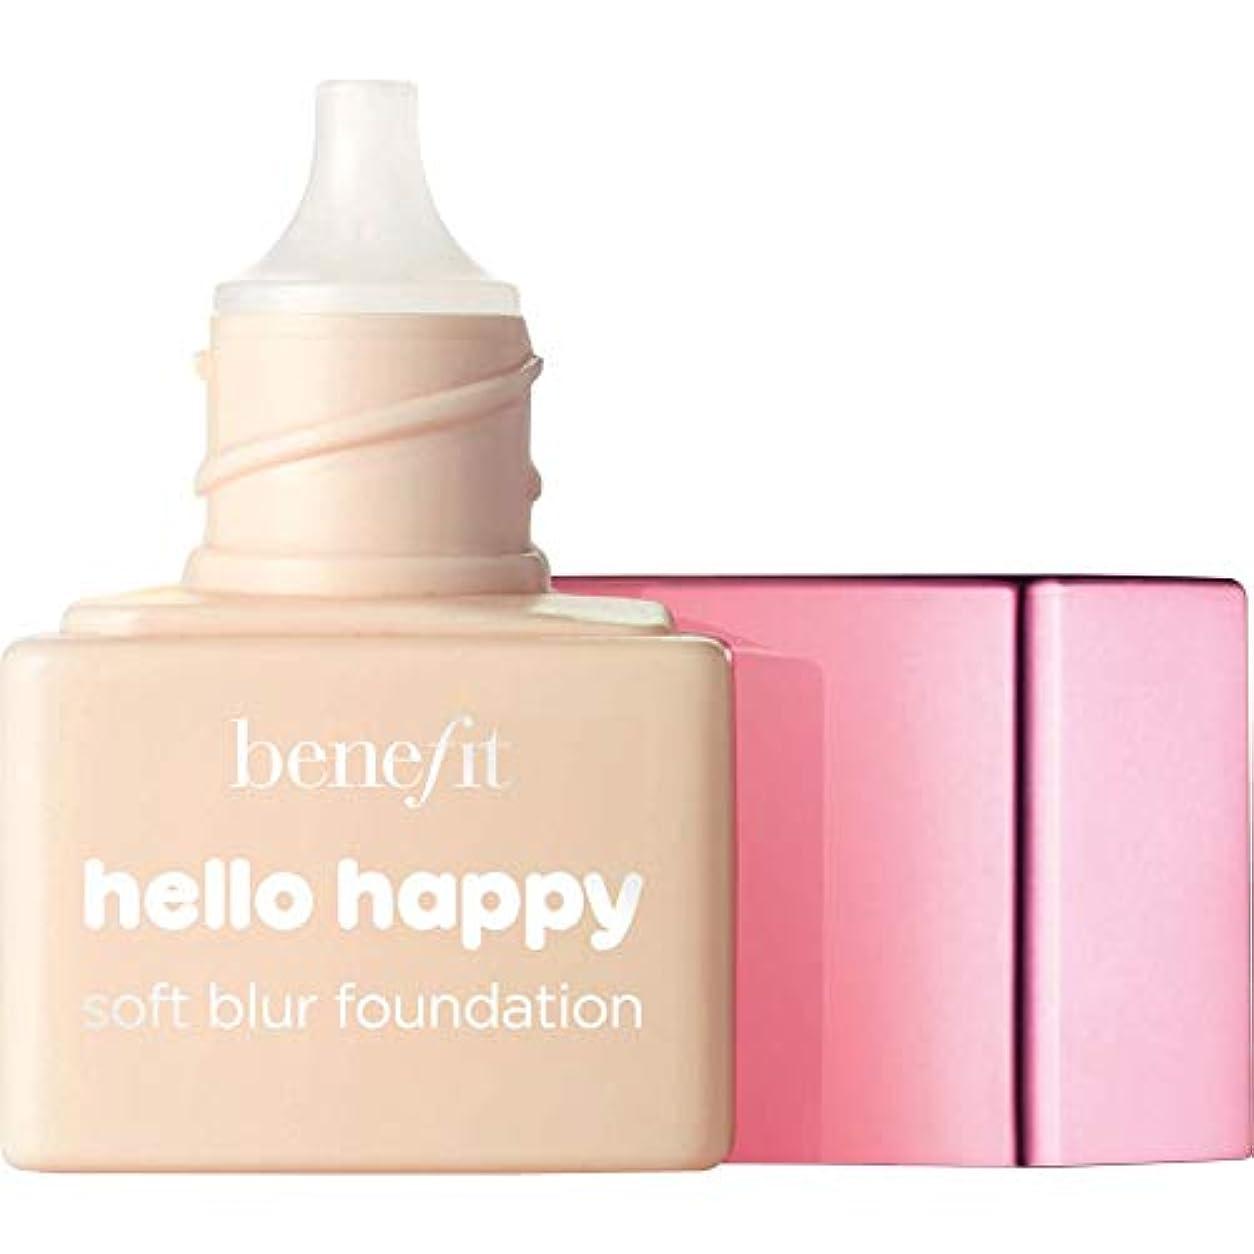 十代テレビ嘆く[Benefit ] ミニ2 - - ハロー幸せソフトブラー基礎Spf15の6ミリリットルの利益に暖かい光 - Benefit Hello Happy Soft Blur Foundation SPF15 6ml - Mini...